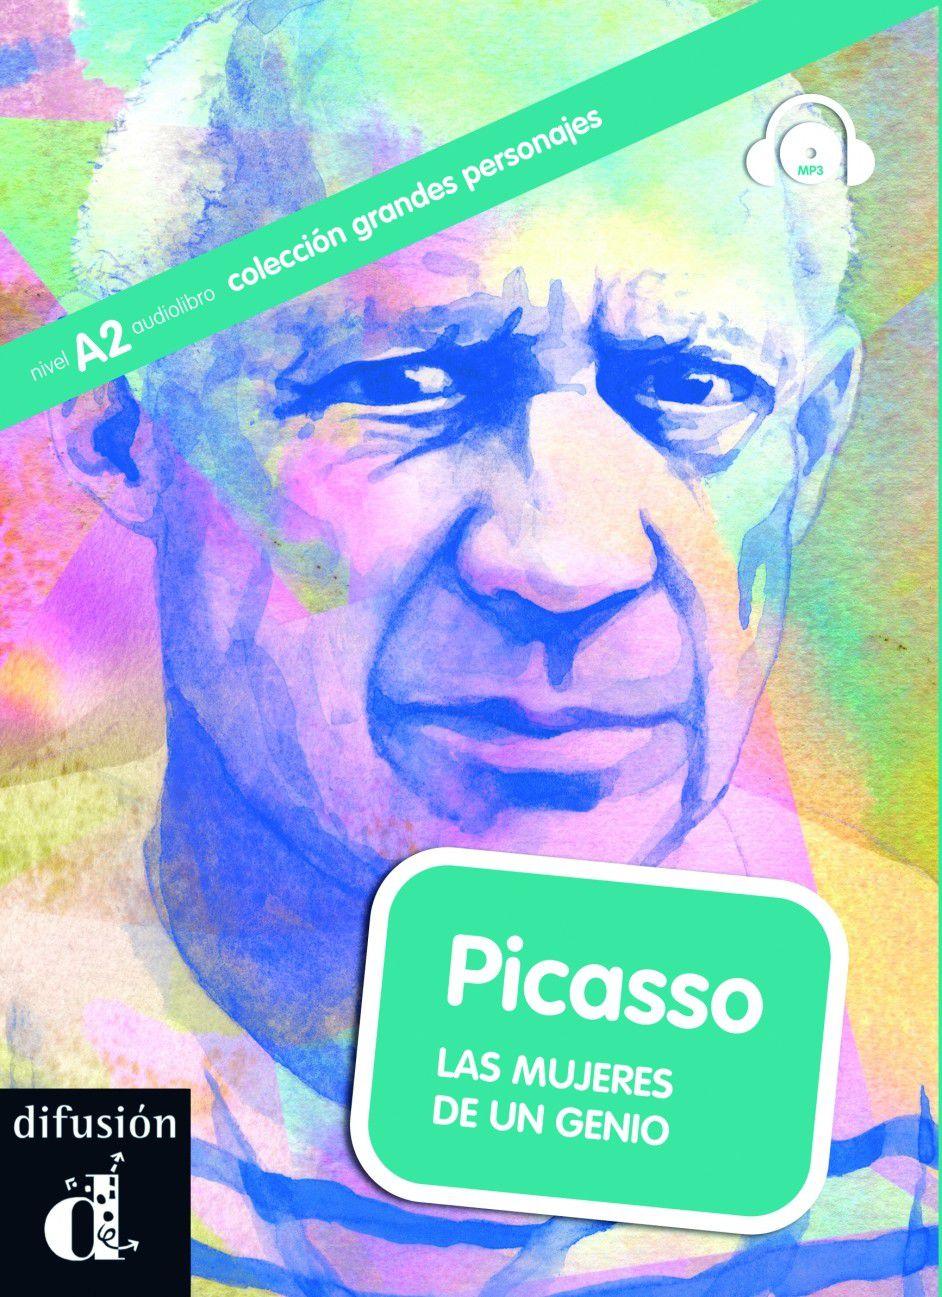 PICASSO - GRANDES PERSONAJES - NIVEL A2 - LIBRO CO